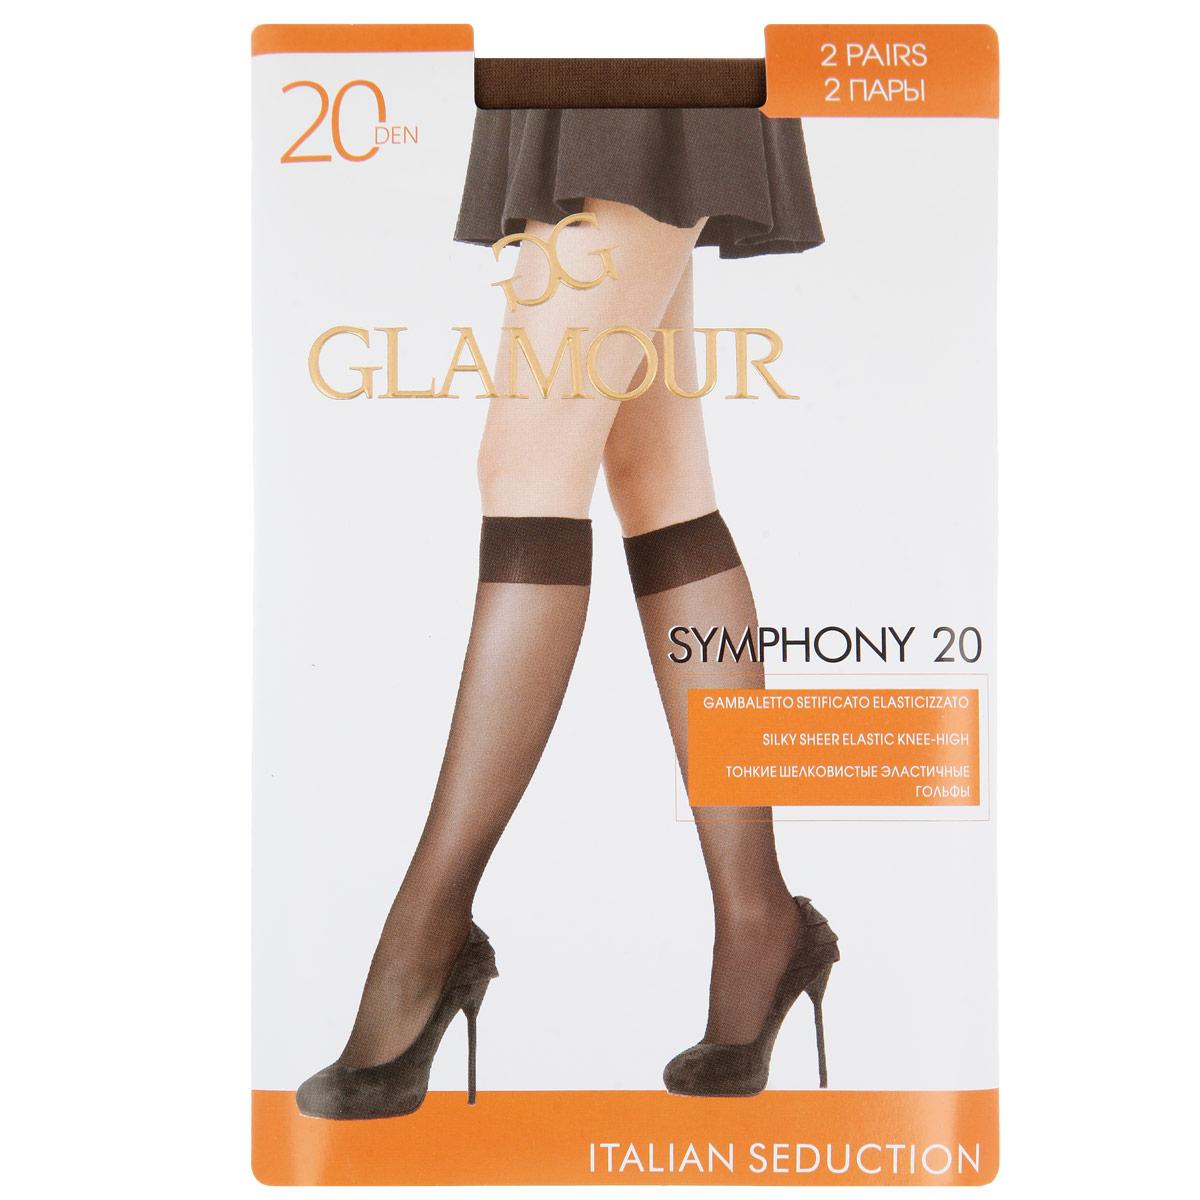 Гольфы женские Glamour Symphony 20, 2 пары, цвет: Daino (загар). Размер универсальныйSymphony 20 GB*2Тонкие шелковистые эластичные гольфы с мягкой комфортной резинкой и укрепленным мыском. В комплекте 2 пары.Плотность 20 Ден.